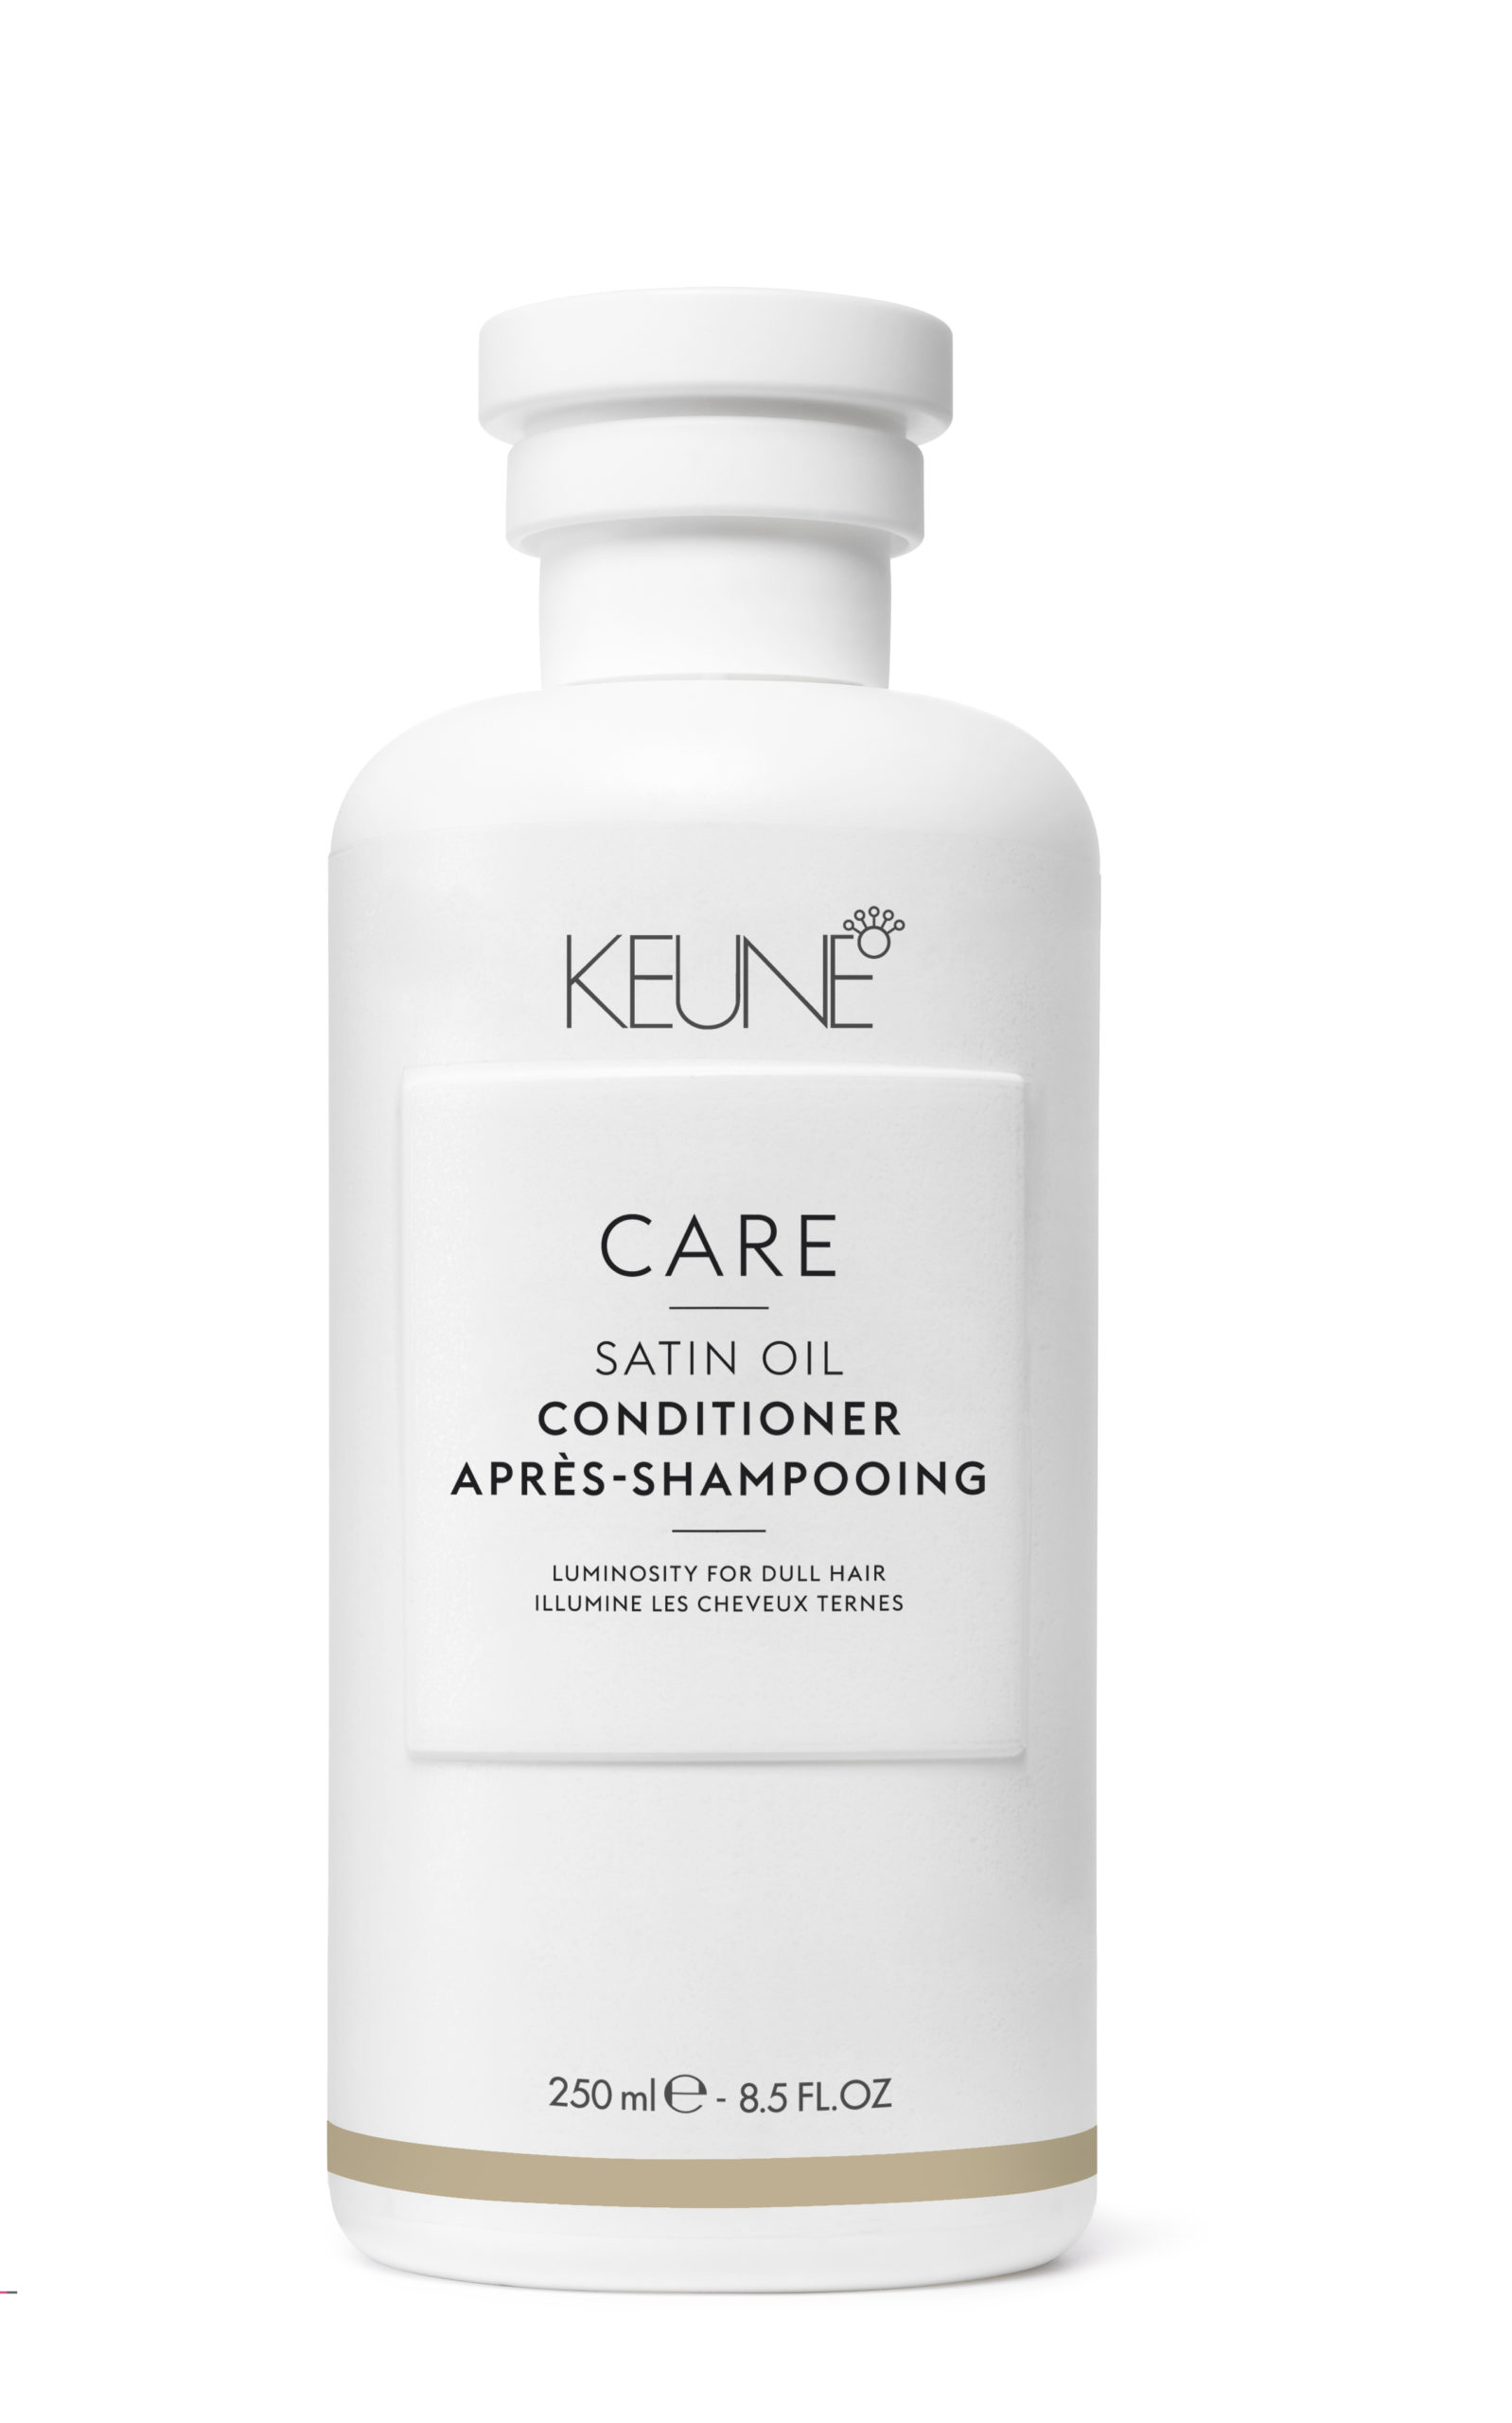 Care-Satin-Oil-Conditioner-250ml-def-highres